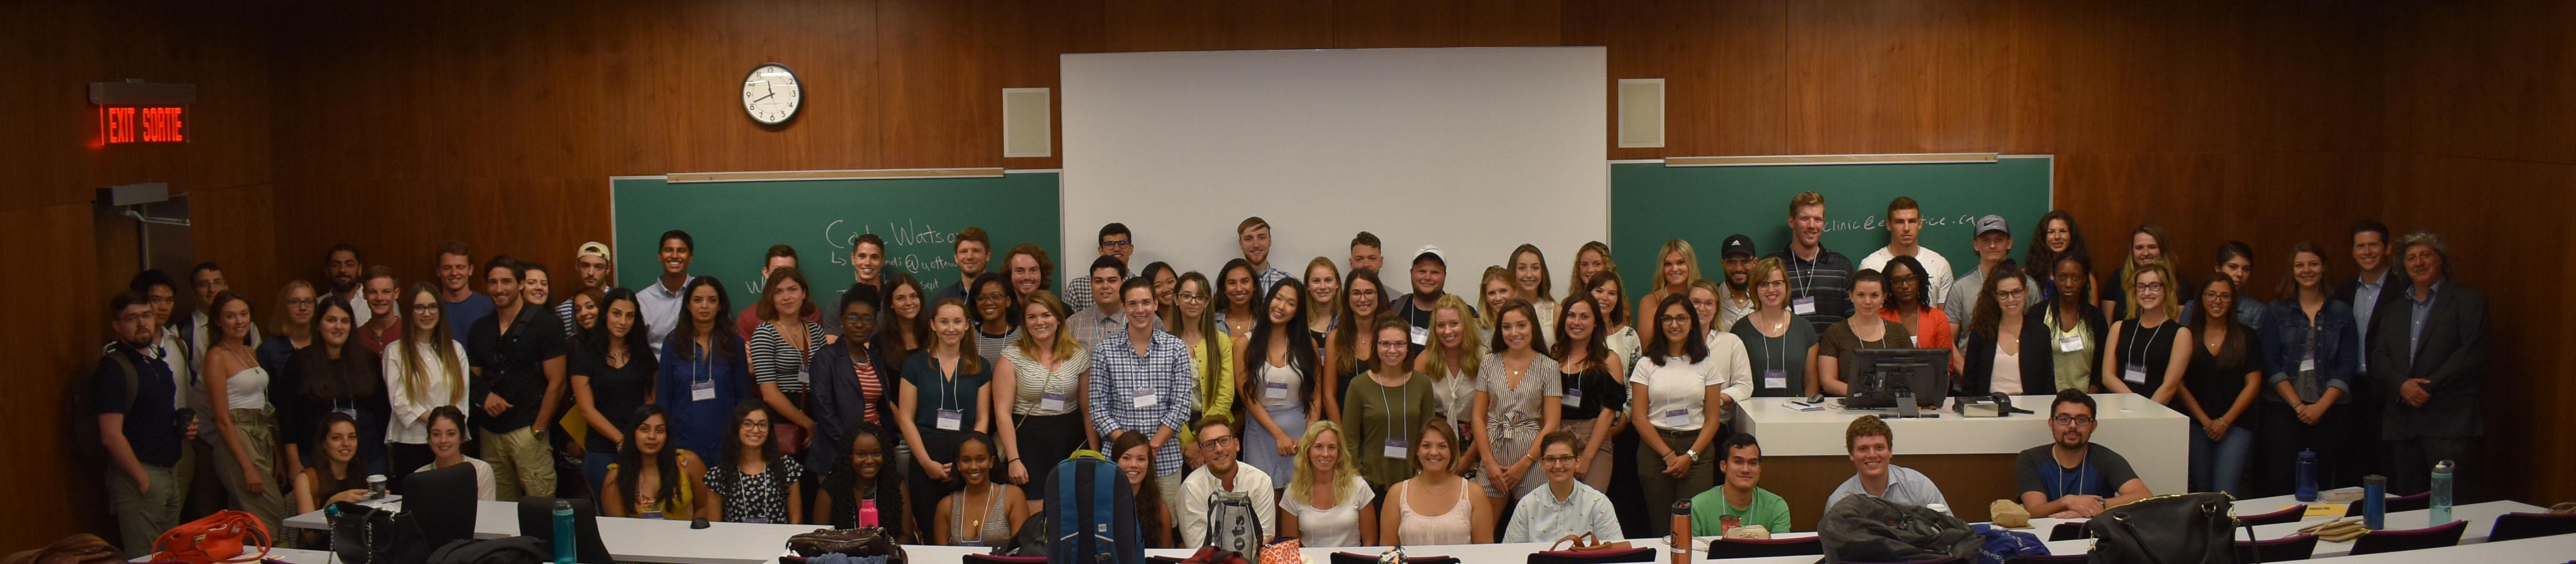 La classe de première année 2018-2019 du Programme de common law en français et du Programme de droit canadien